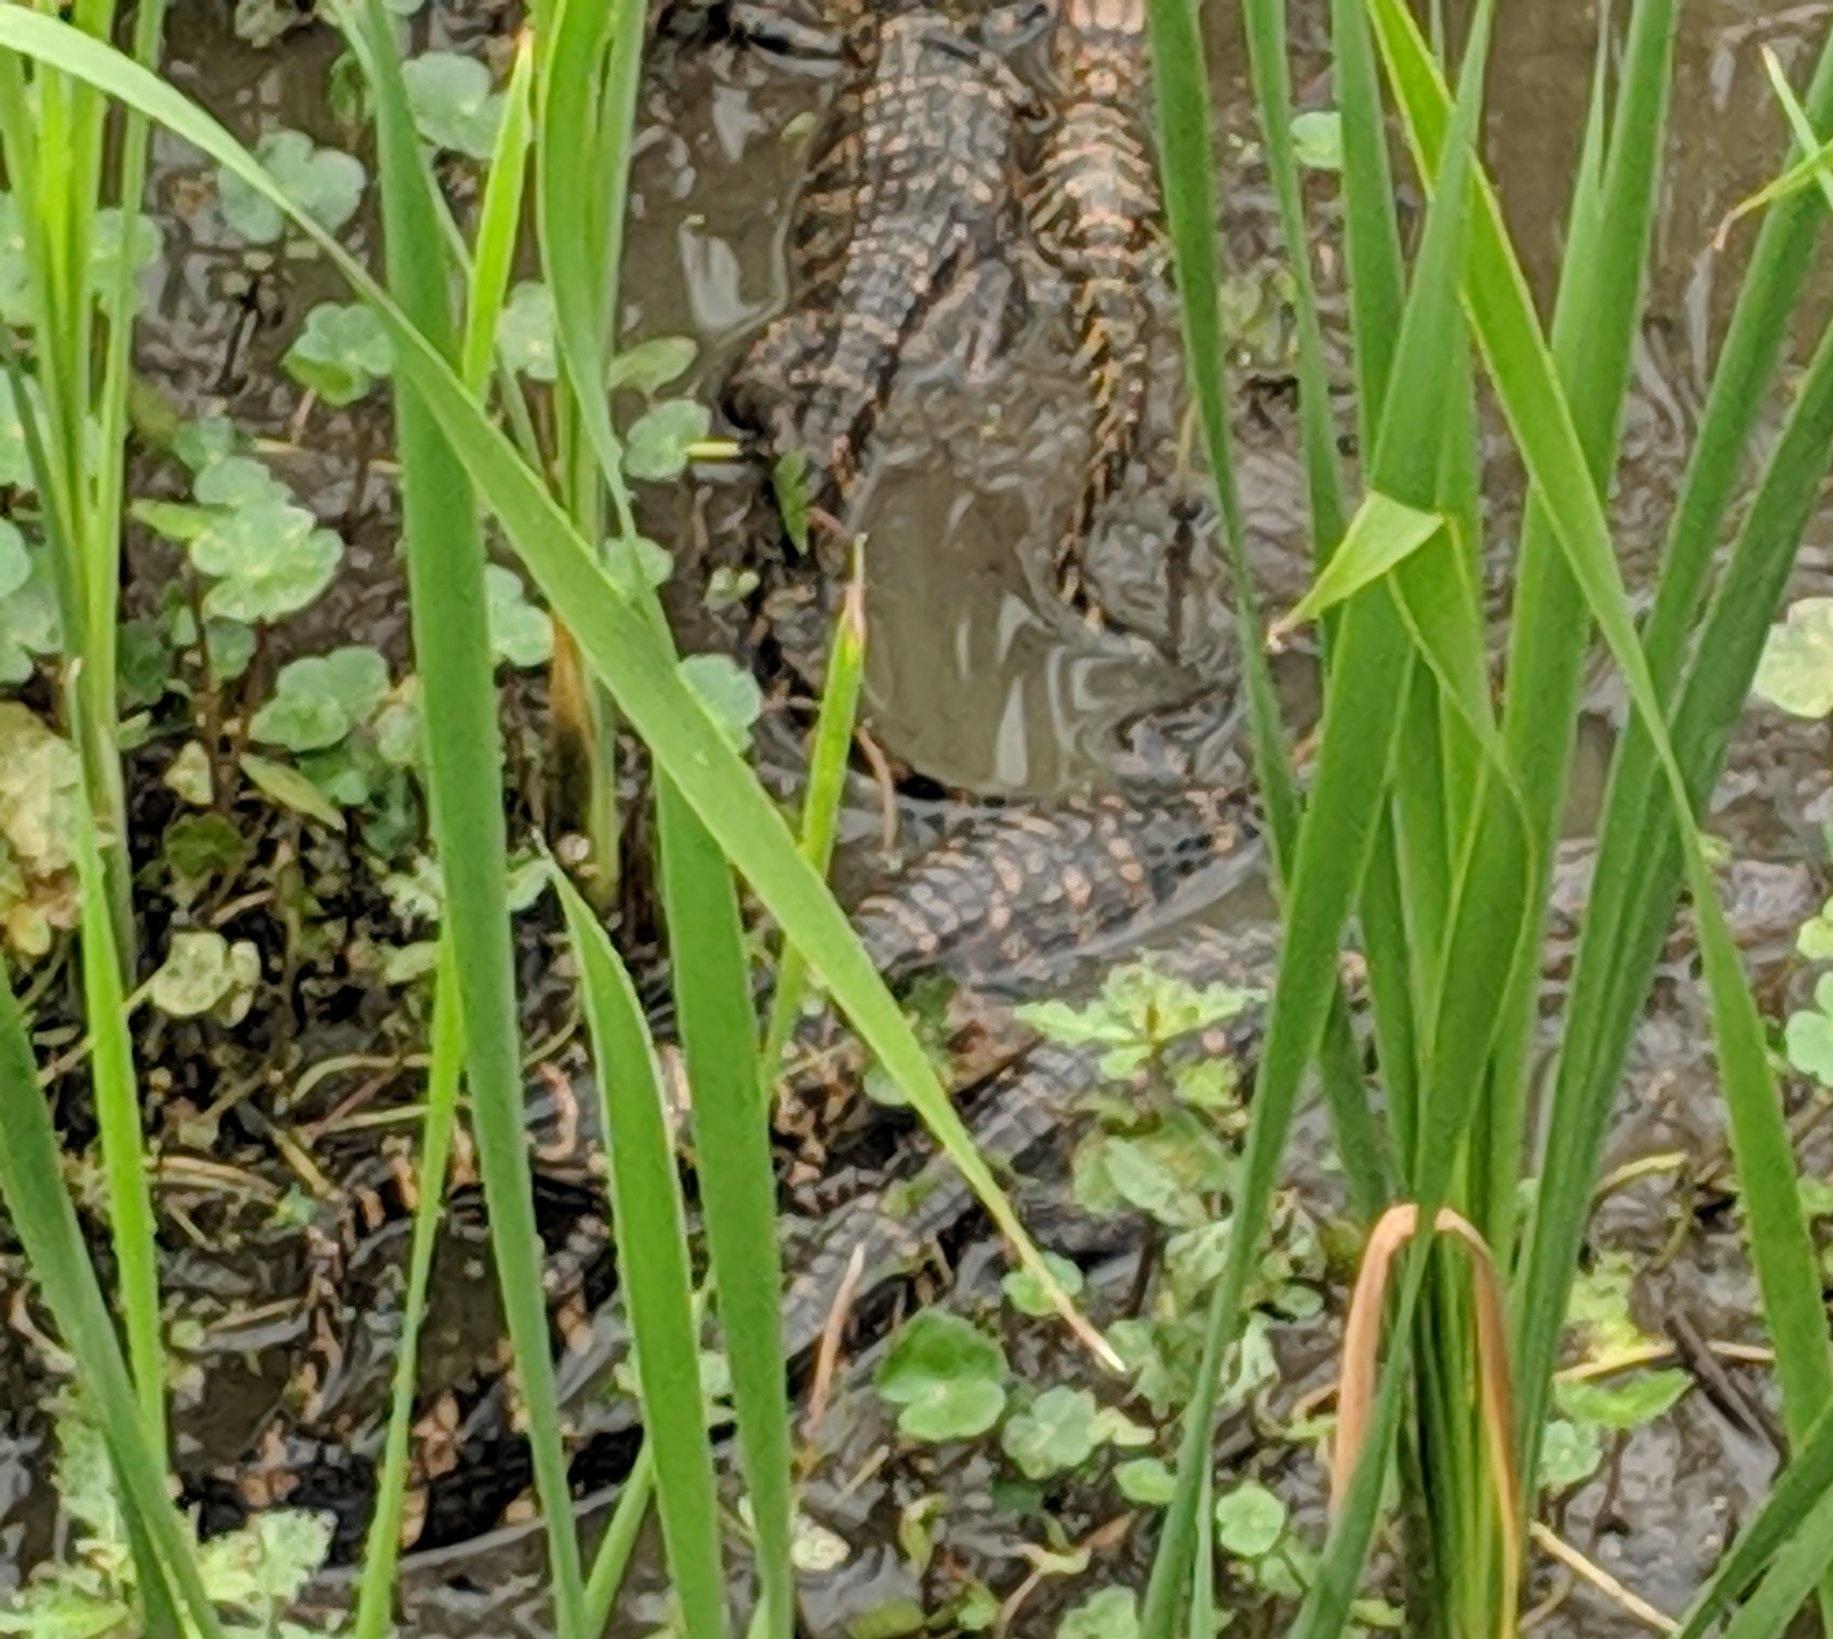 Baby gators.